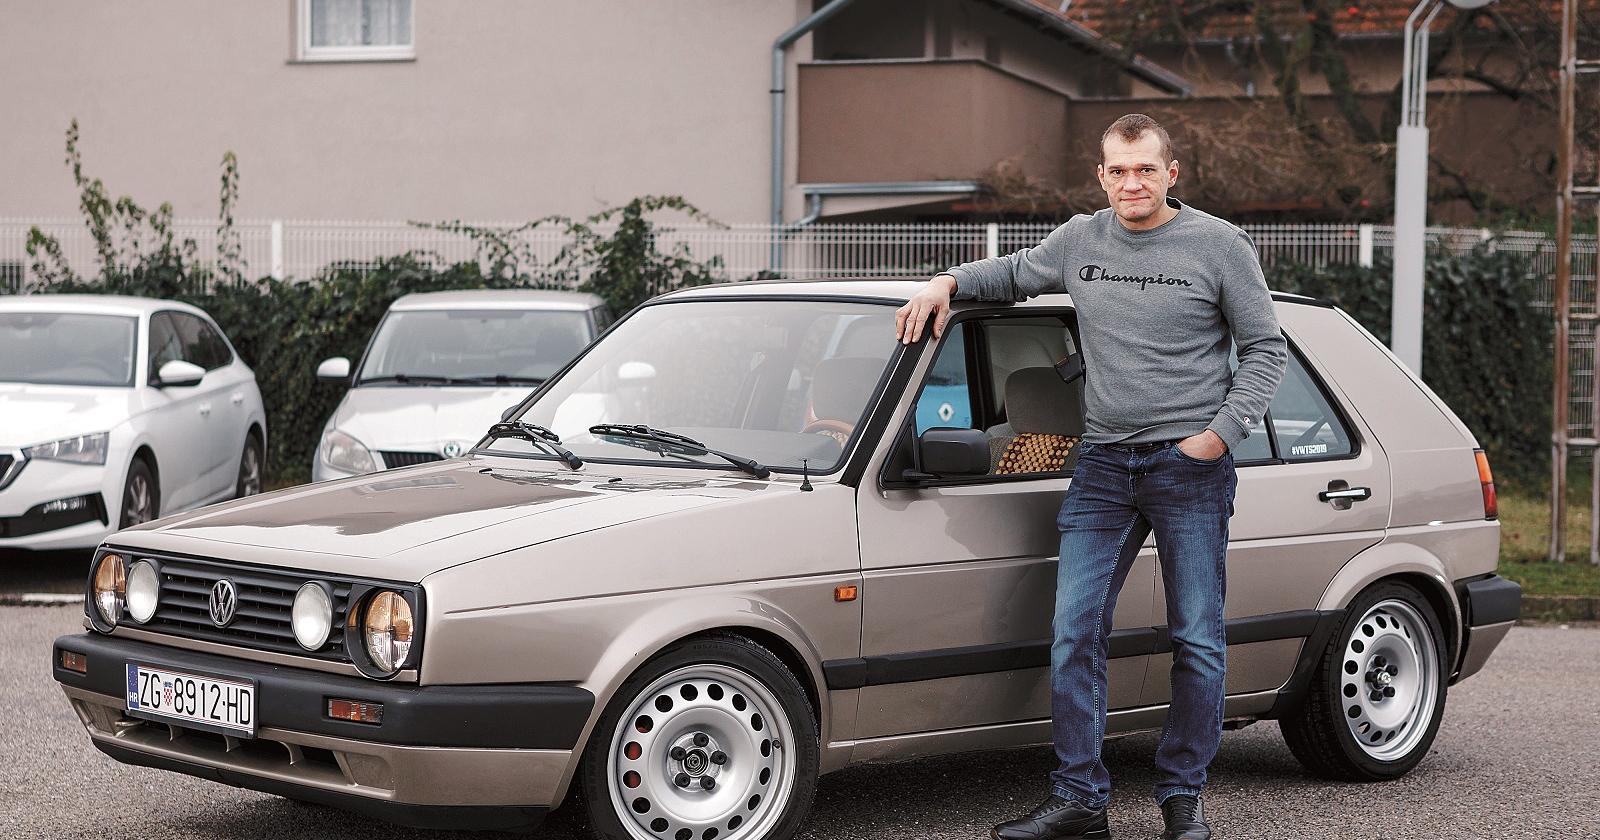 HRVOJE PACLIK: Posao sam dobio preko brzojava, a danas popravljam najjače Audi modele!